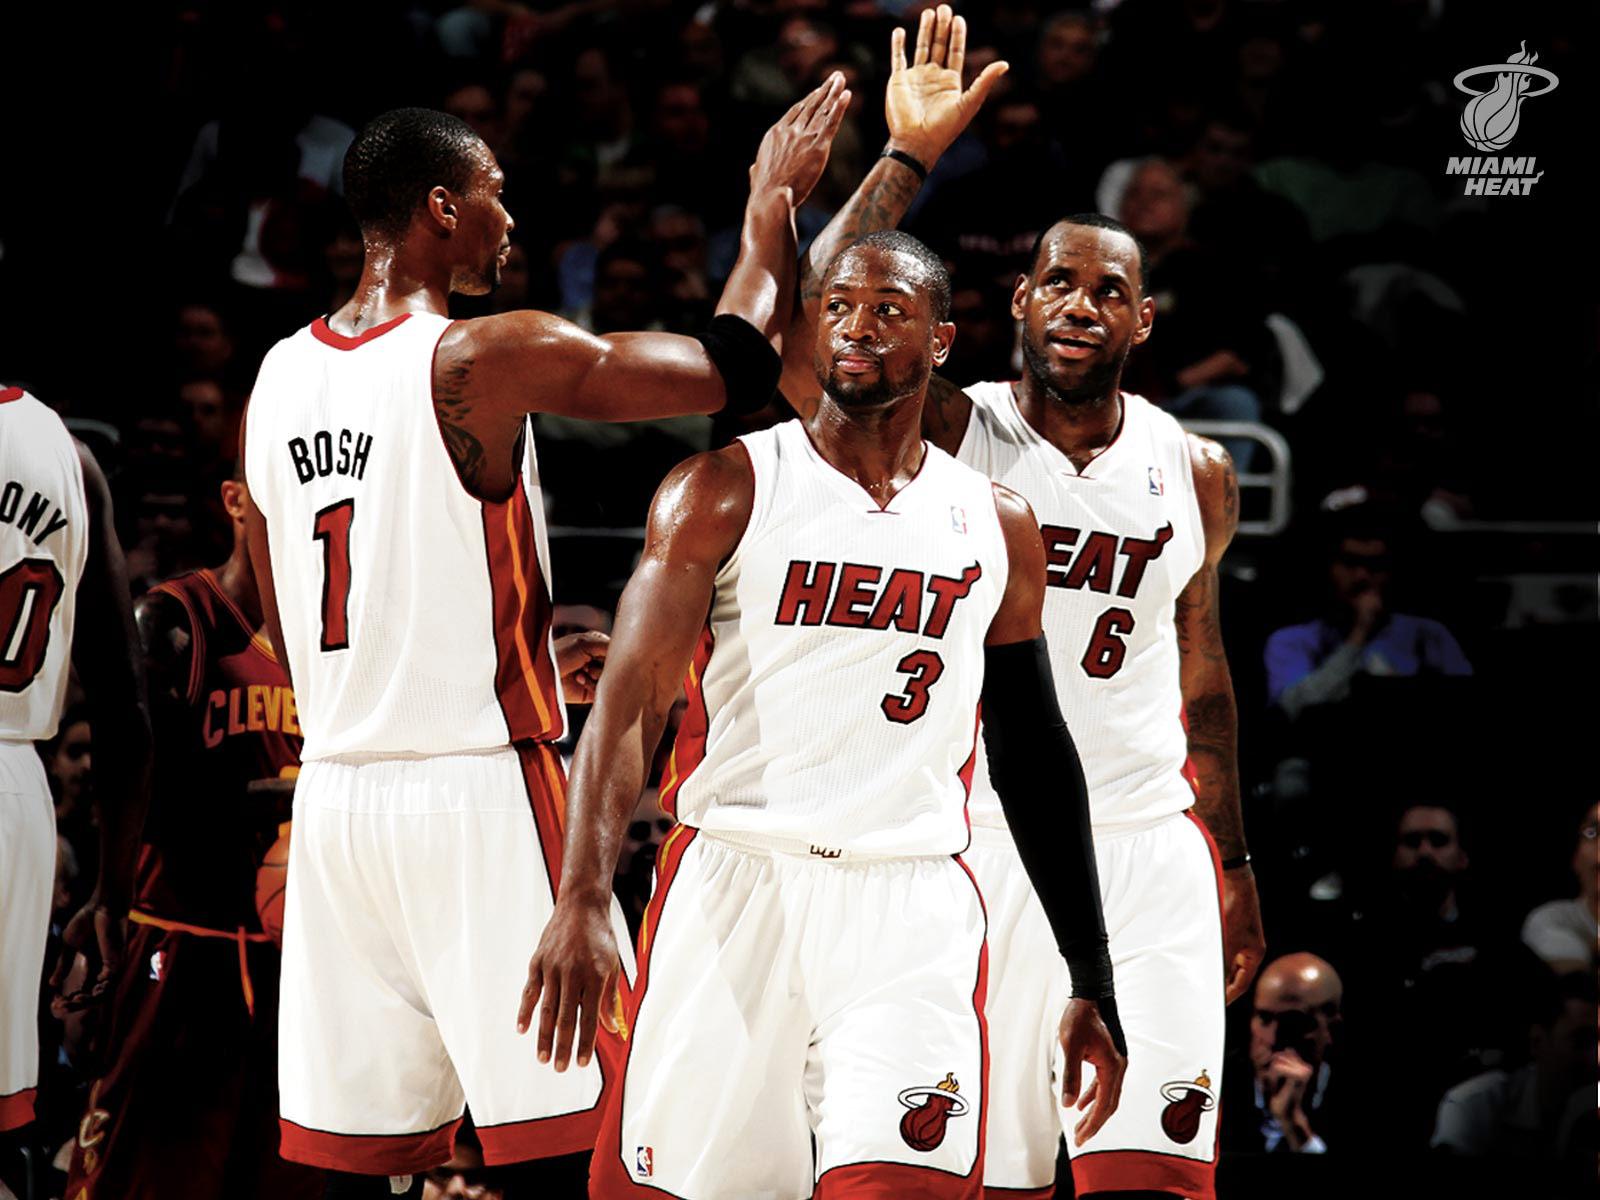 迈阿密/NBA迈阿密热火队2011赛季彩色写真图片(20P...